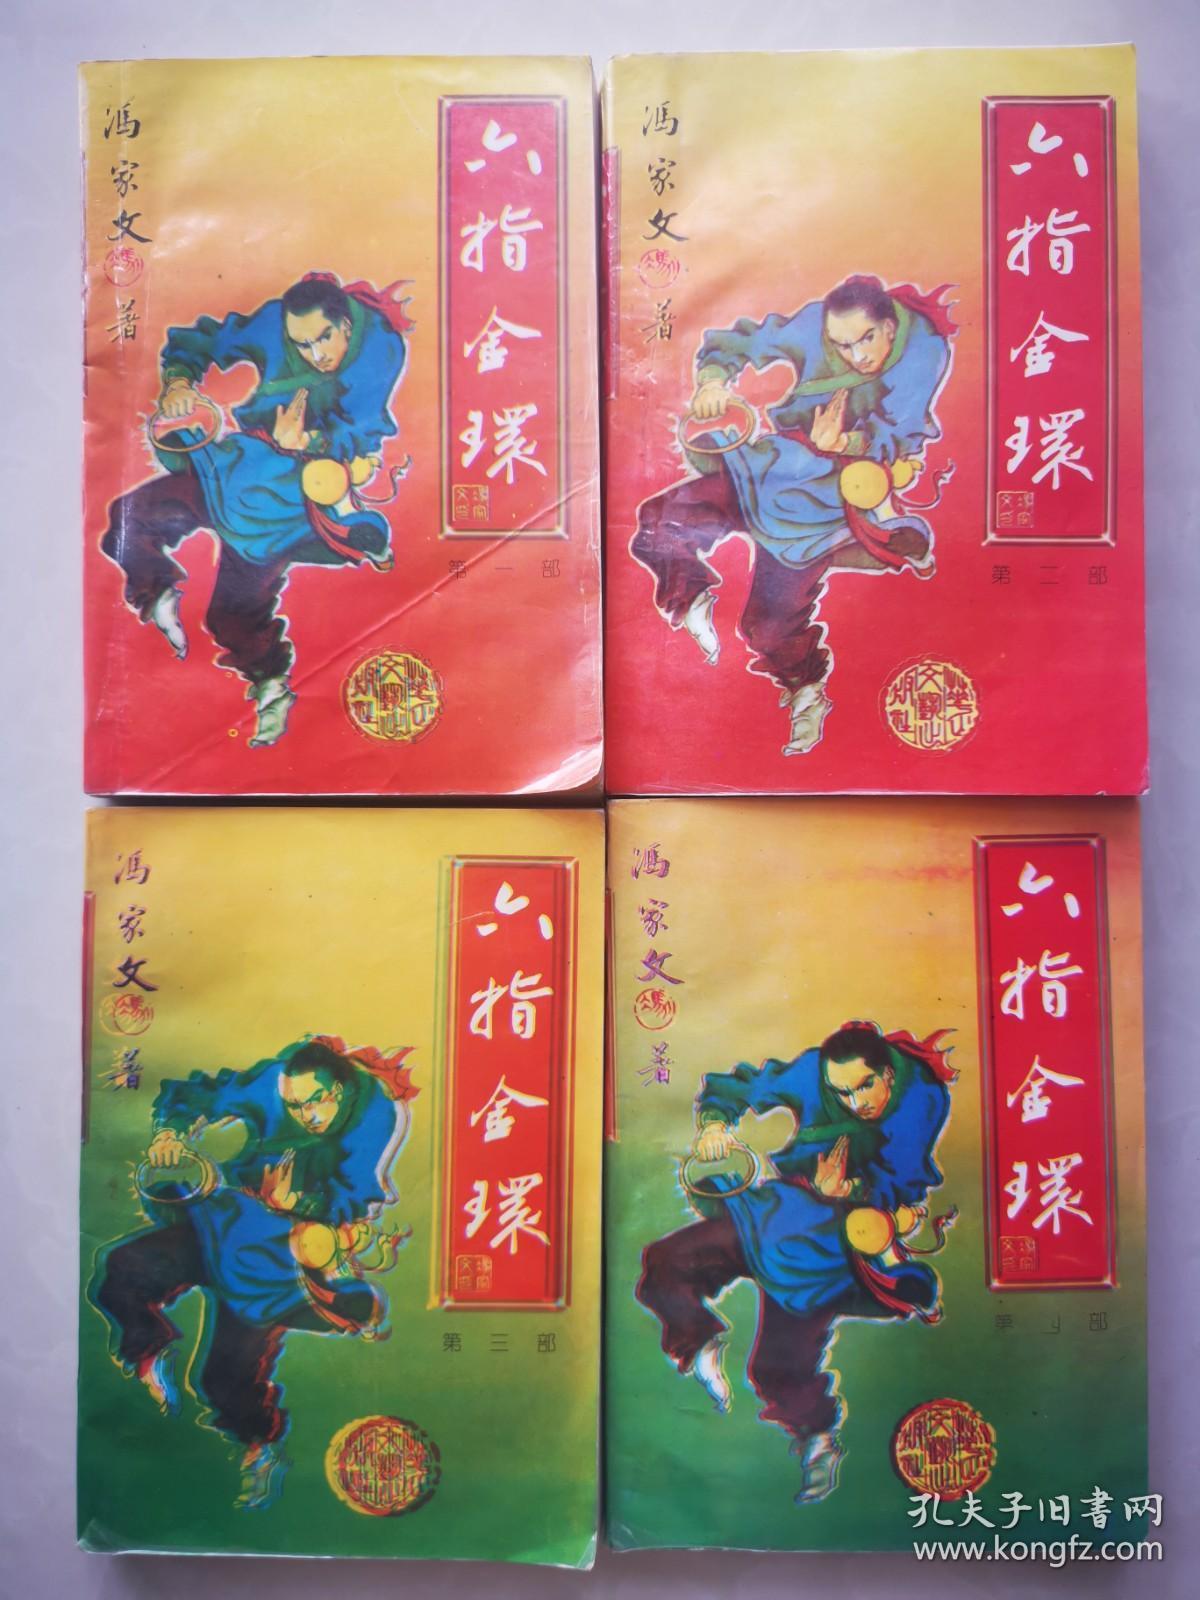 六指金环(历史武侠评书《五凤朝阳刀》续集,全4册,冯家文著)